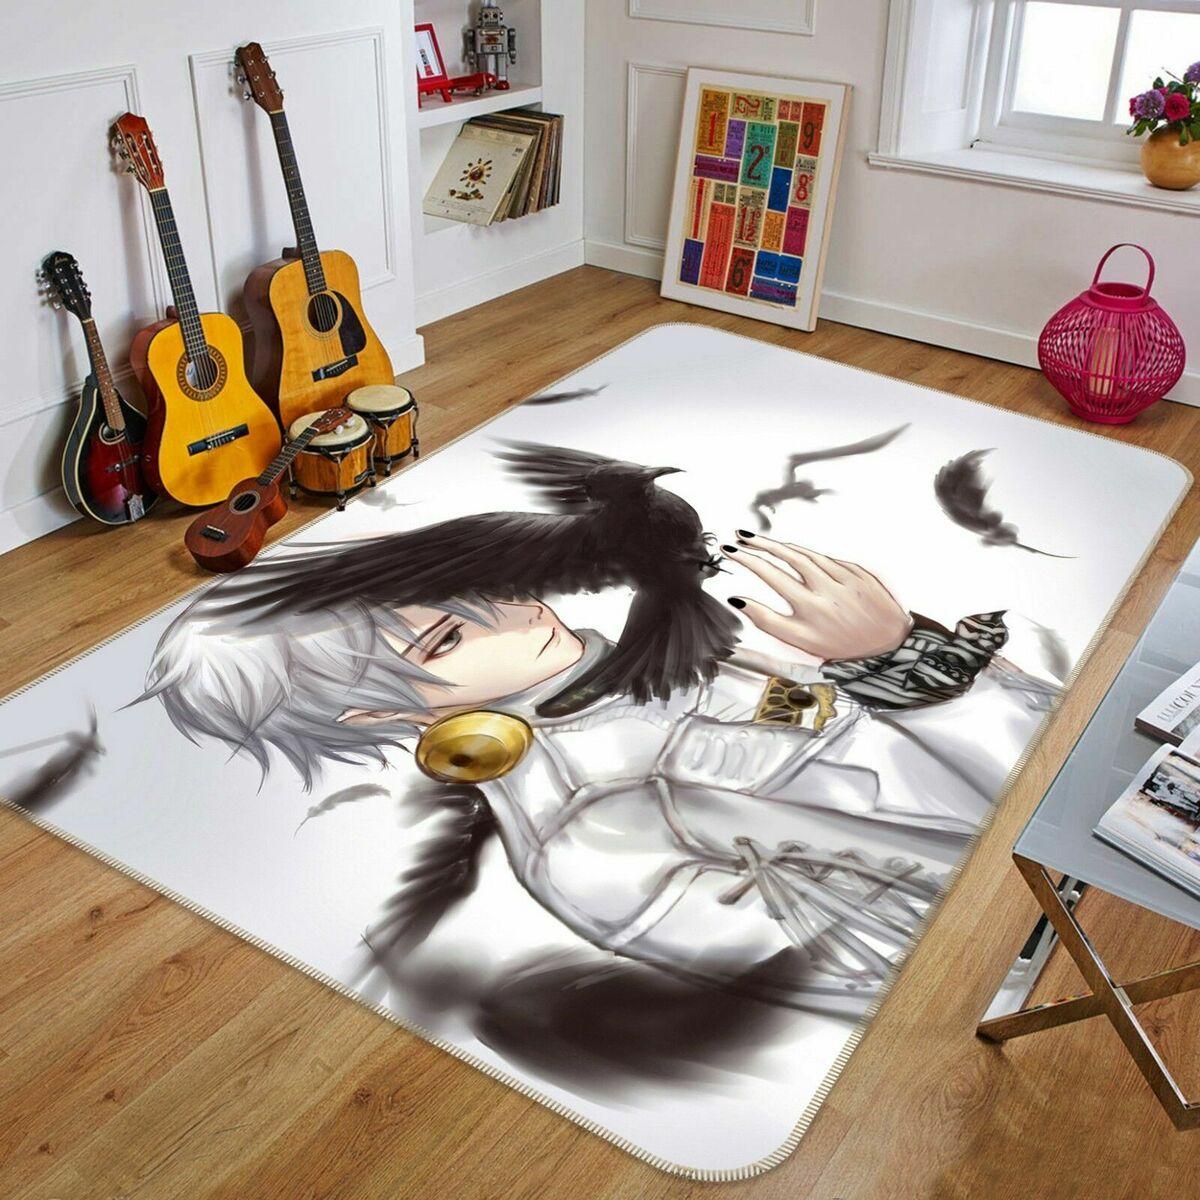 гитары и ковер с героем аниме